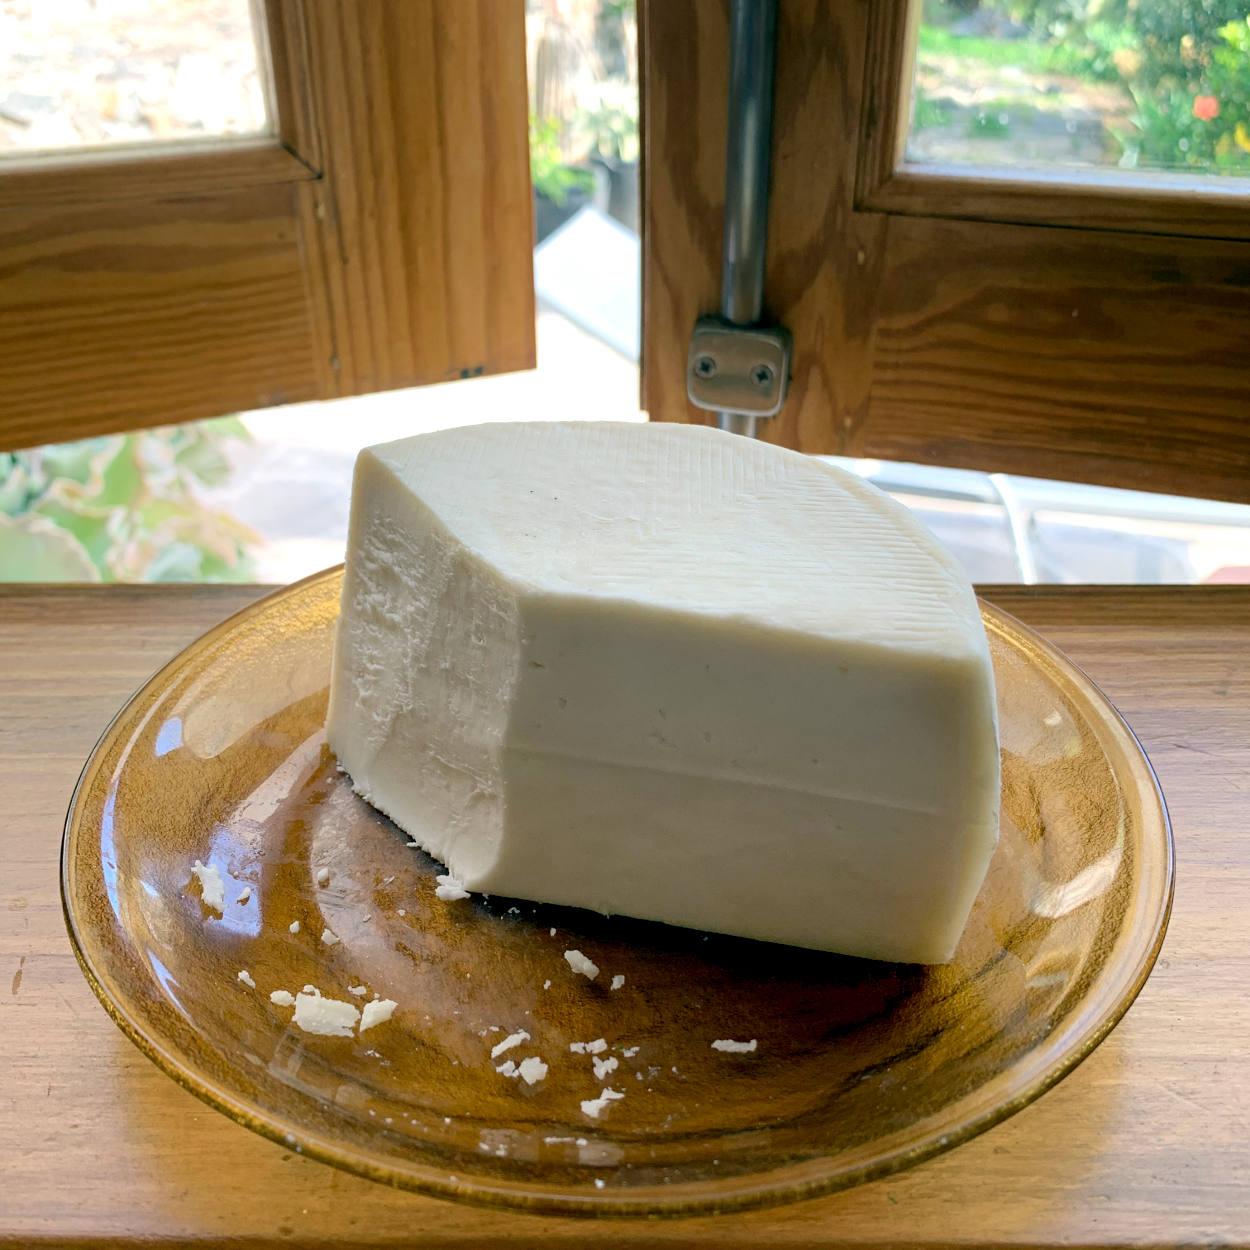 Halber, sehr heller Käselaib, angeschnitten auf einem Teller